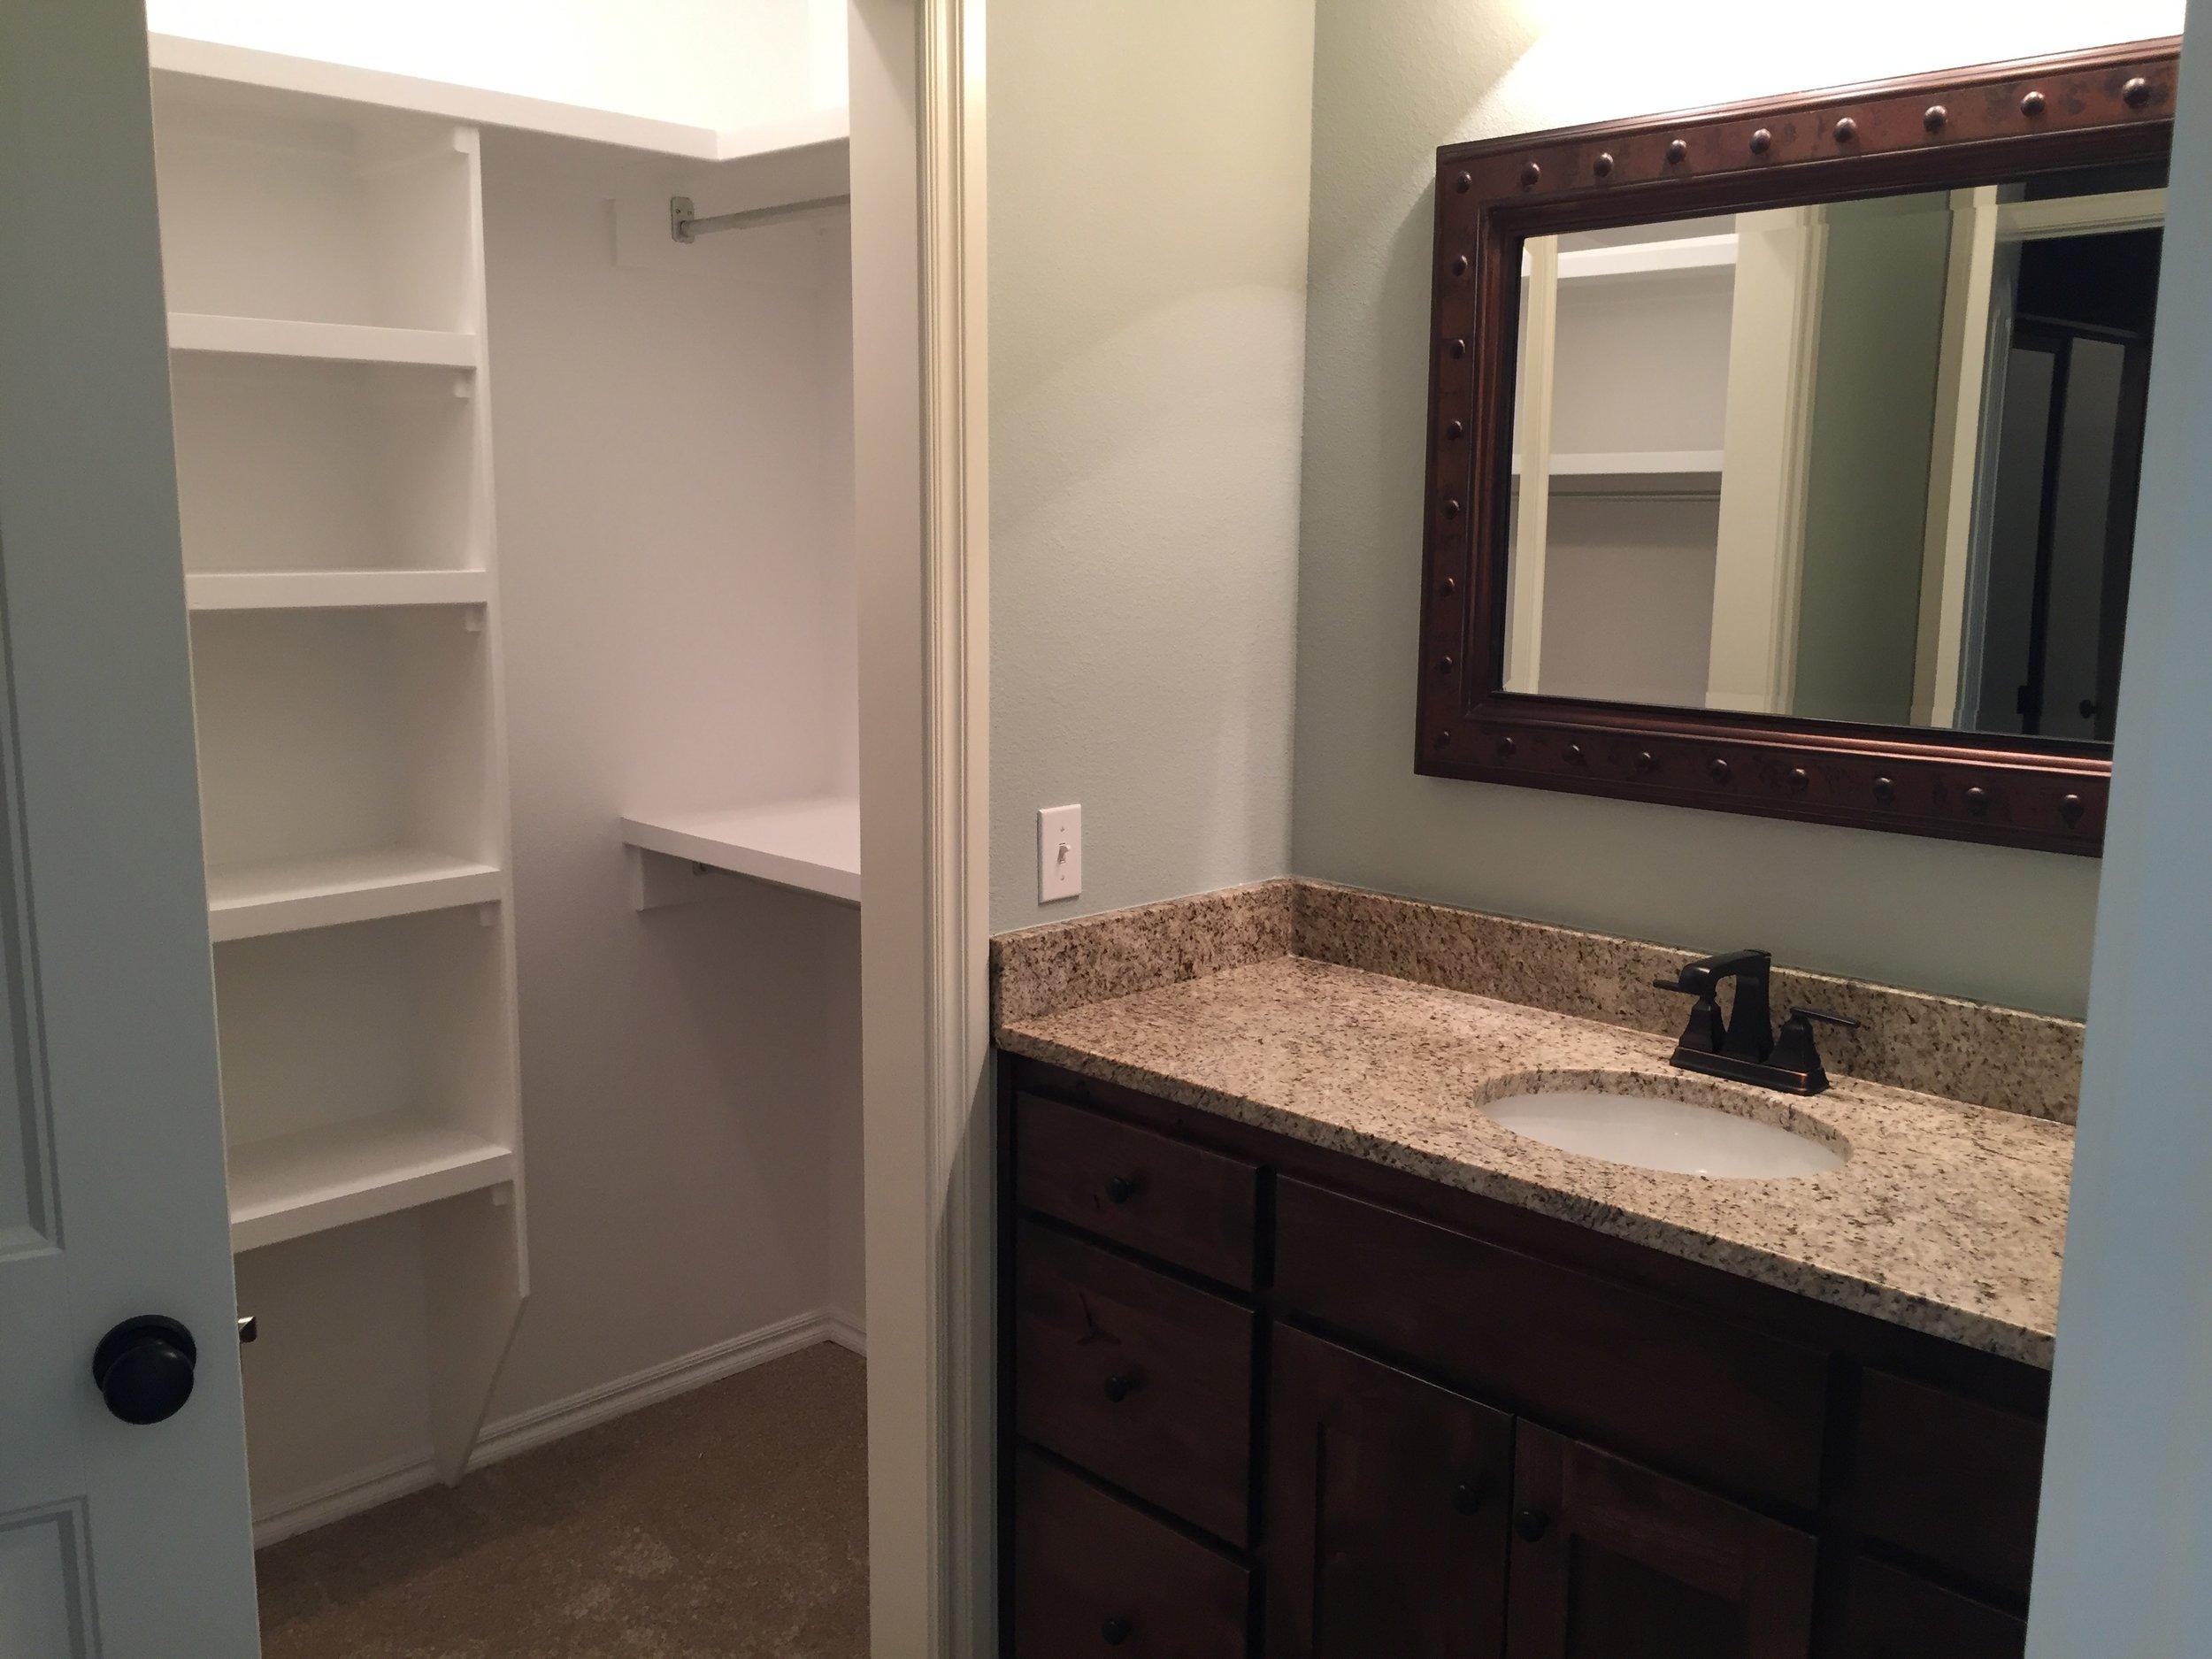 3443 master private vanity/closet